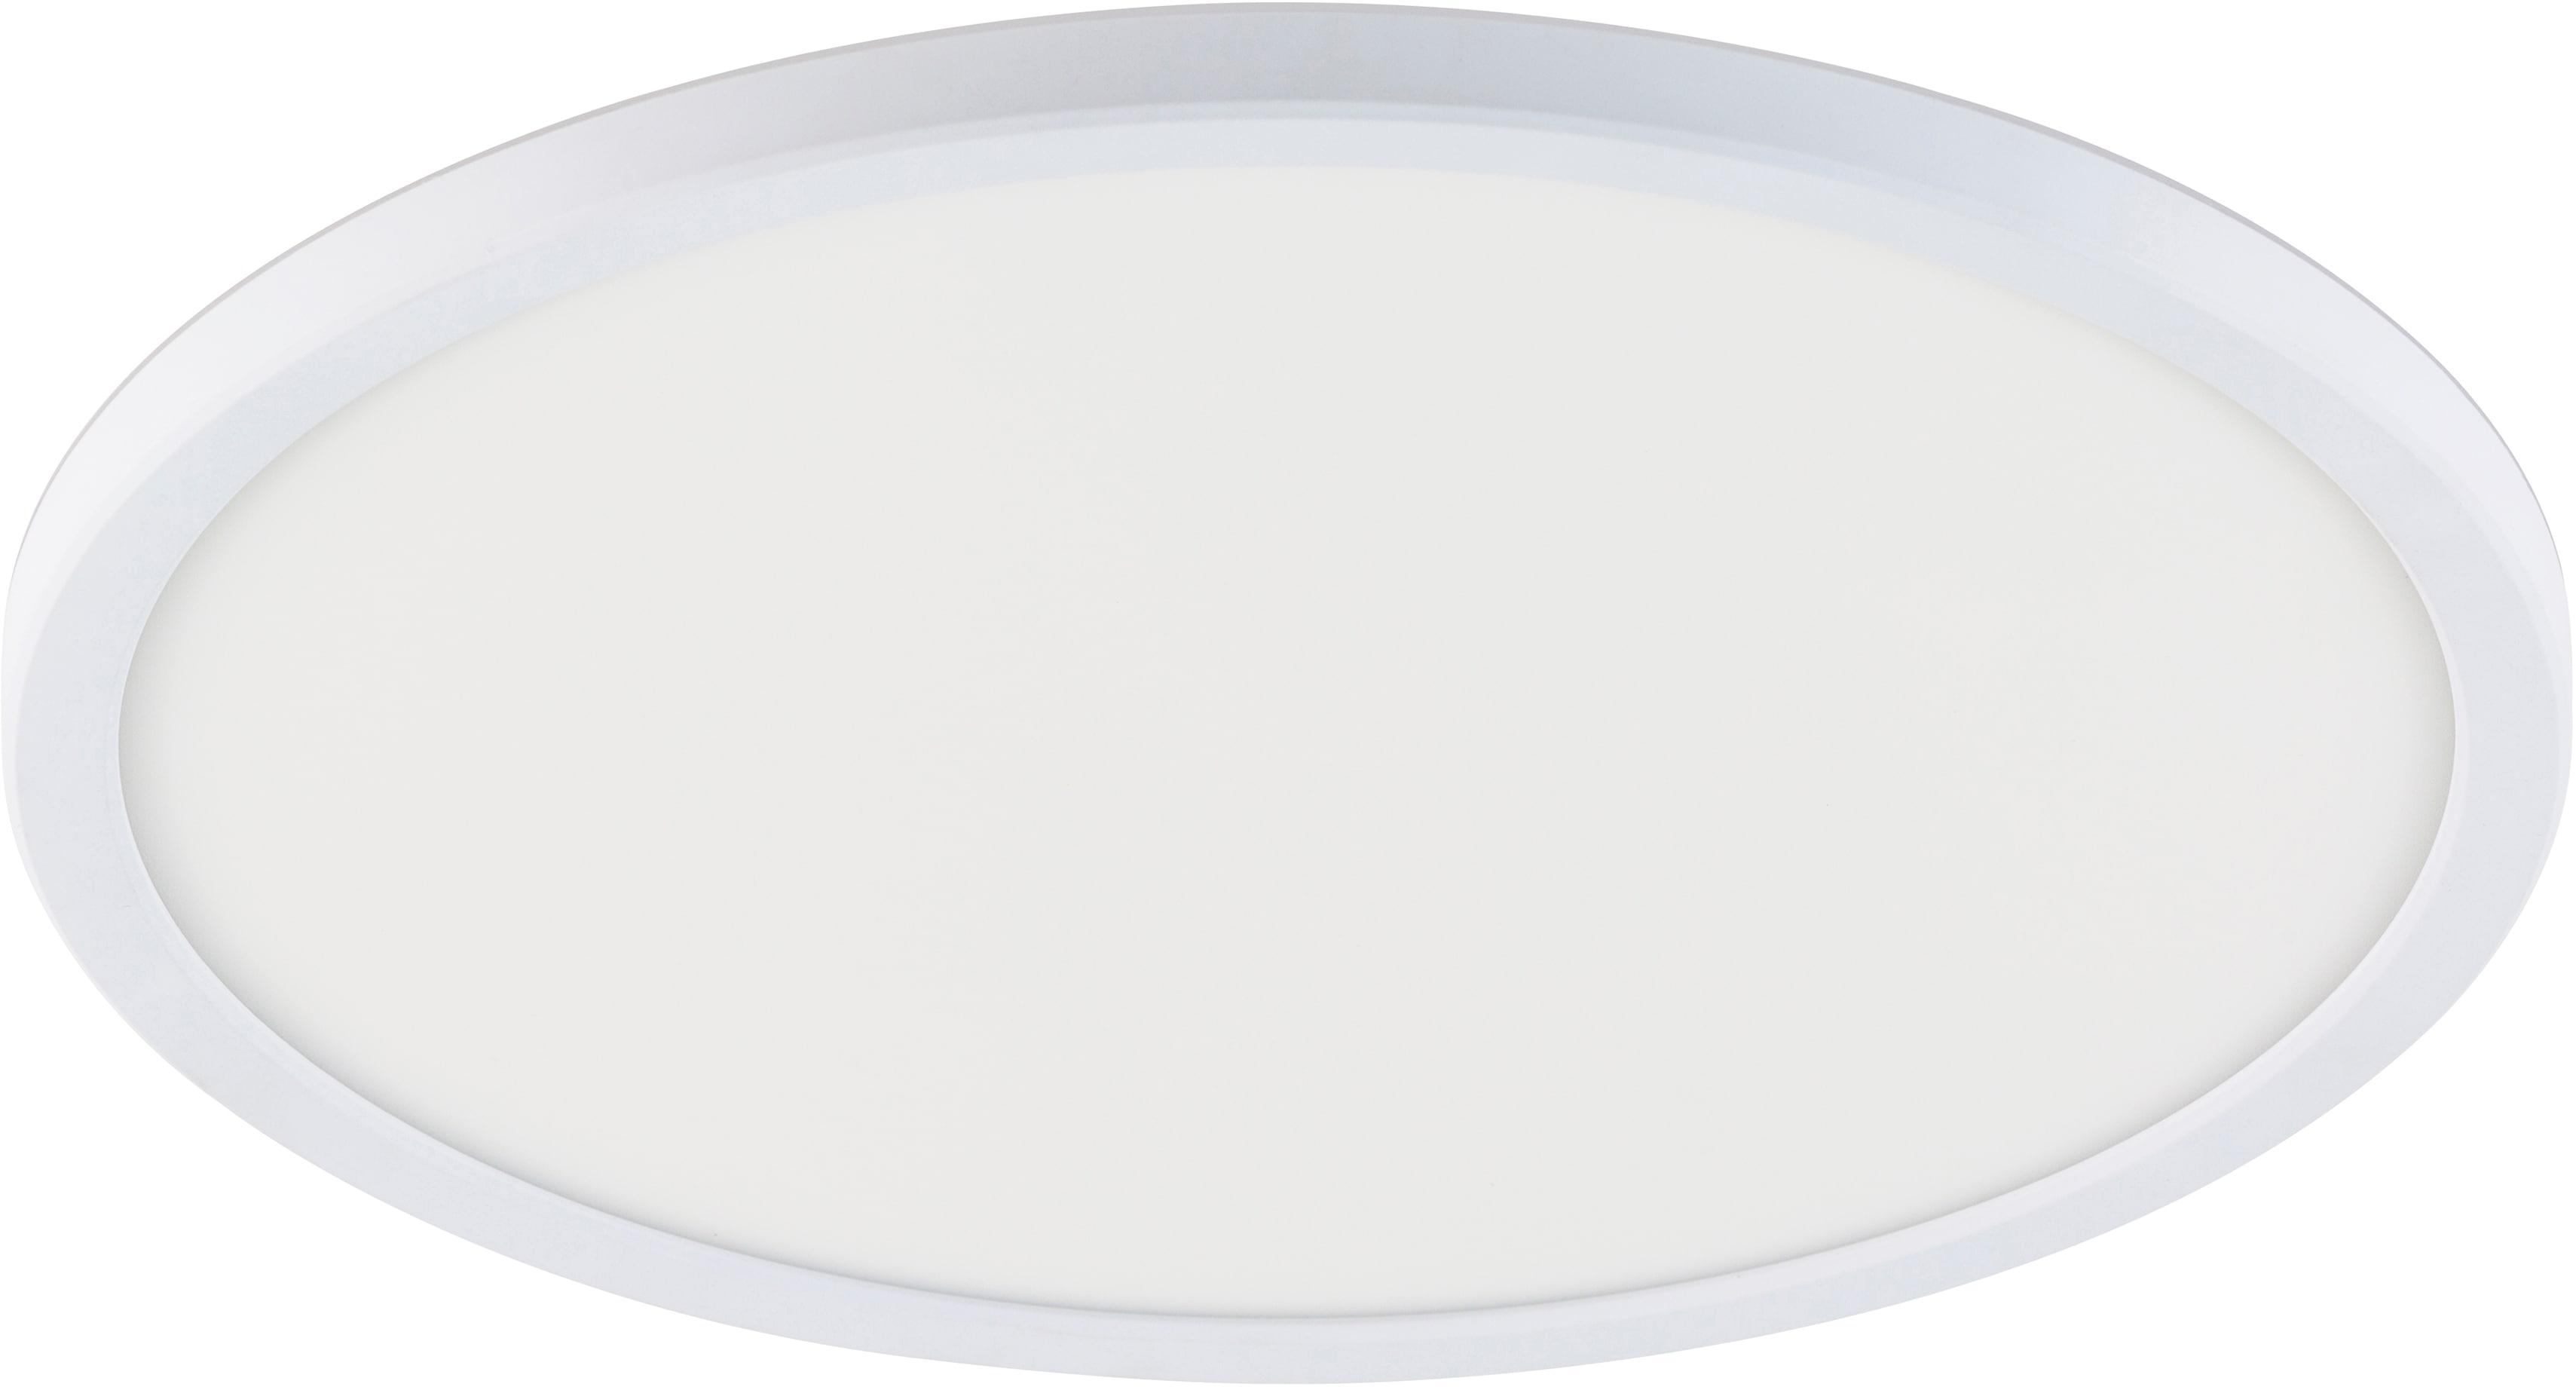 Nordlux LED Deckenleuchte OJA 29 IP54 2700 K, LED-Board, Warmweiß, Auch für Außen geeignet